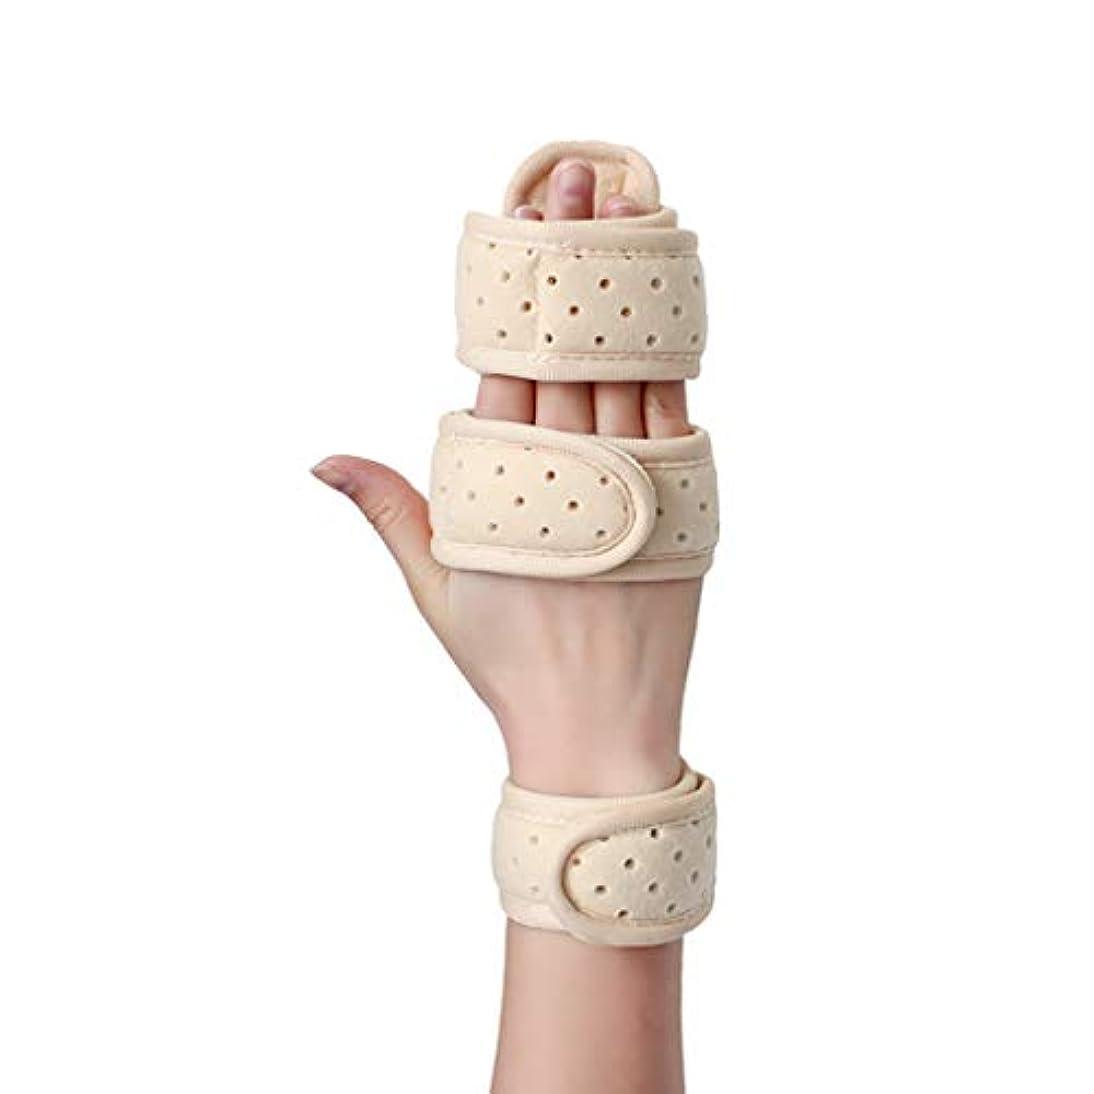 酔ったオリエンテーションコーチ手首ストラップ手首指指の関節ナックル固定指骨折創傷術後のケアと副木の痛みの軽減